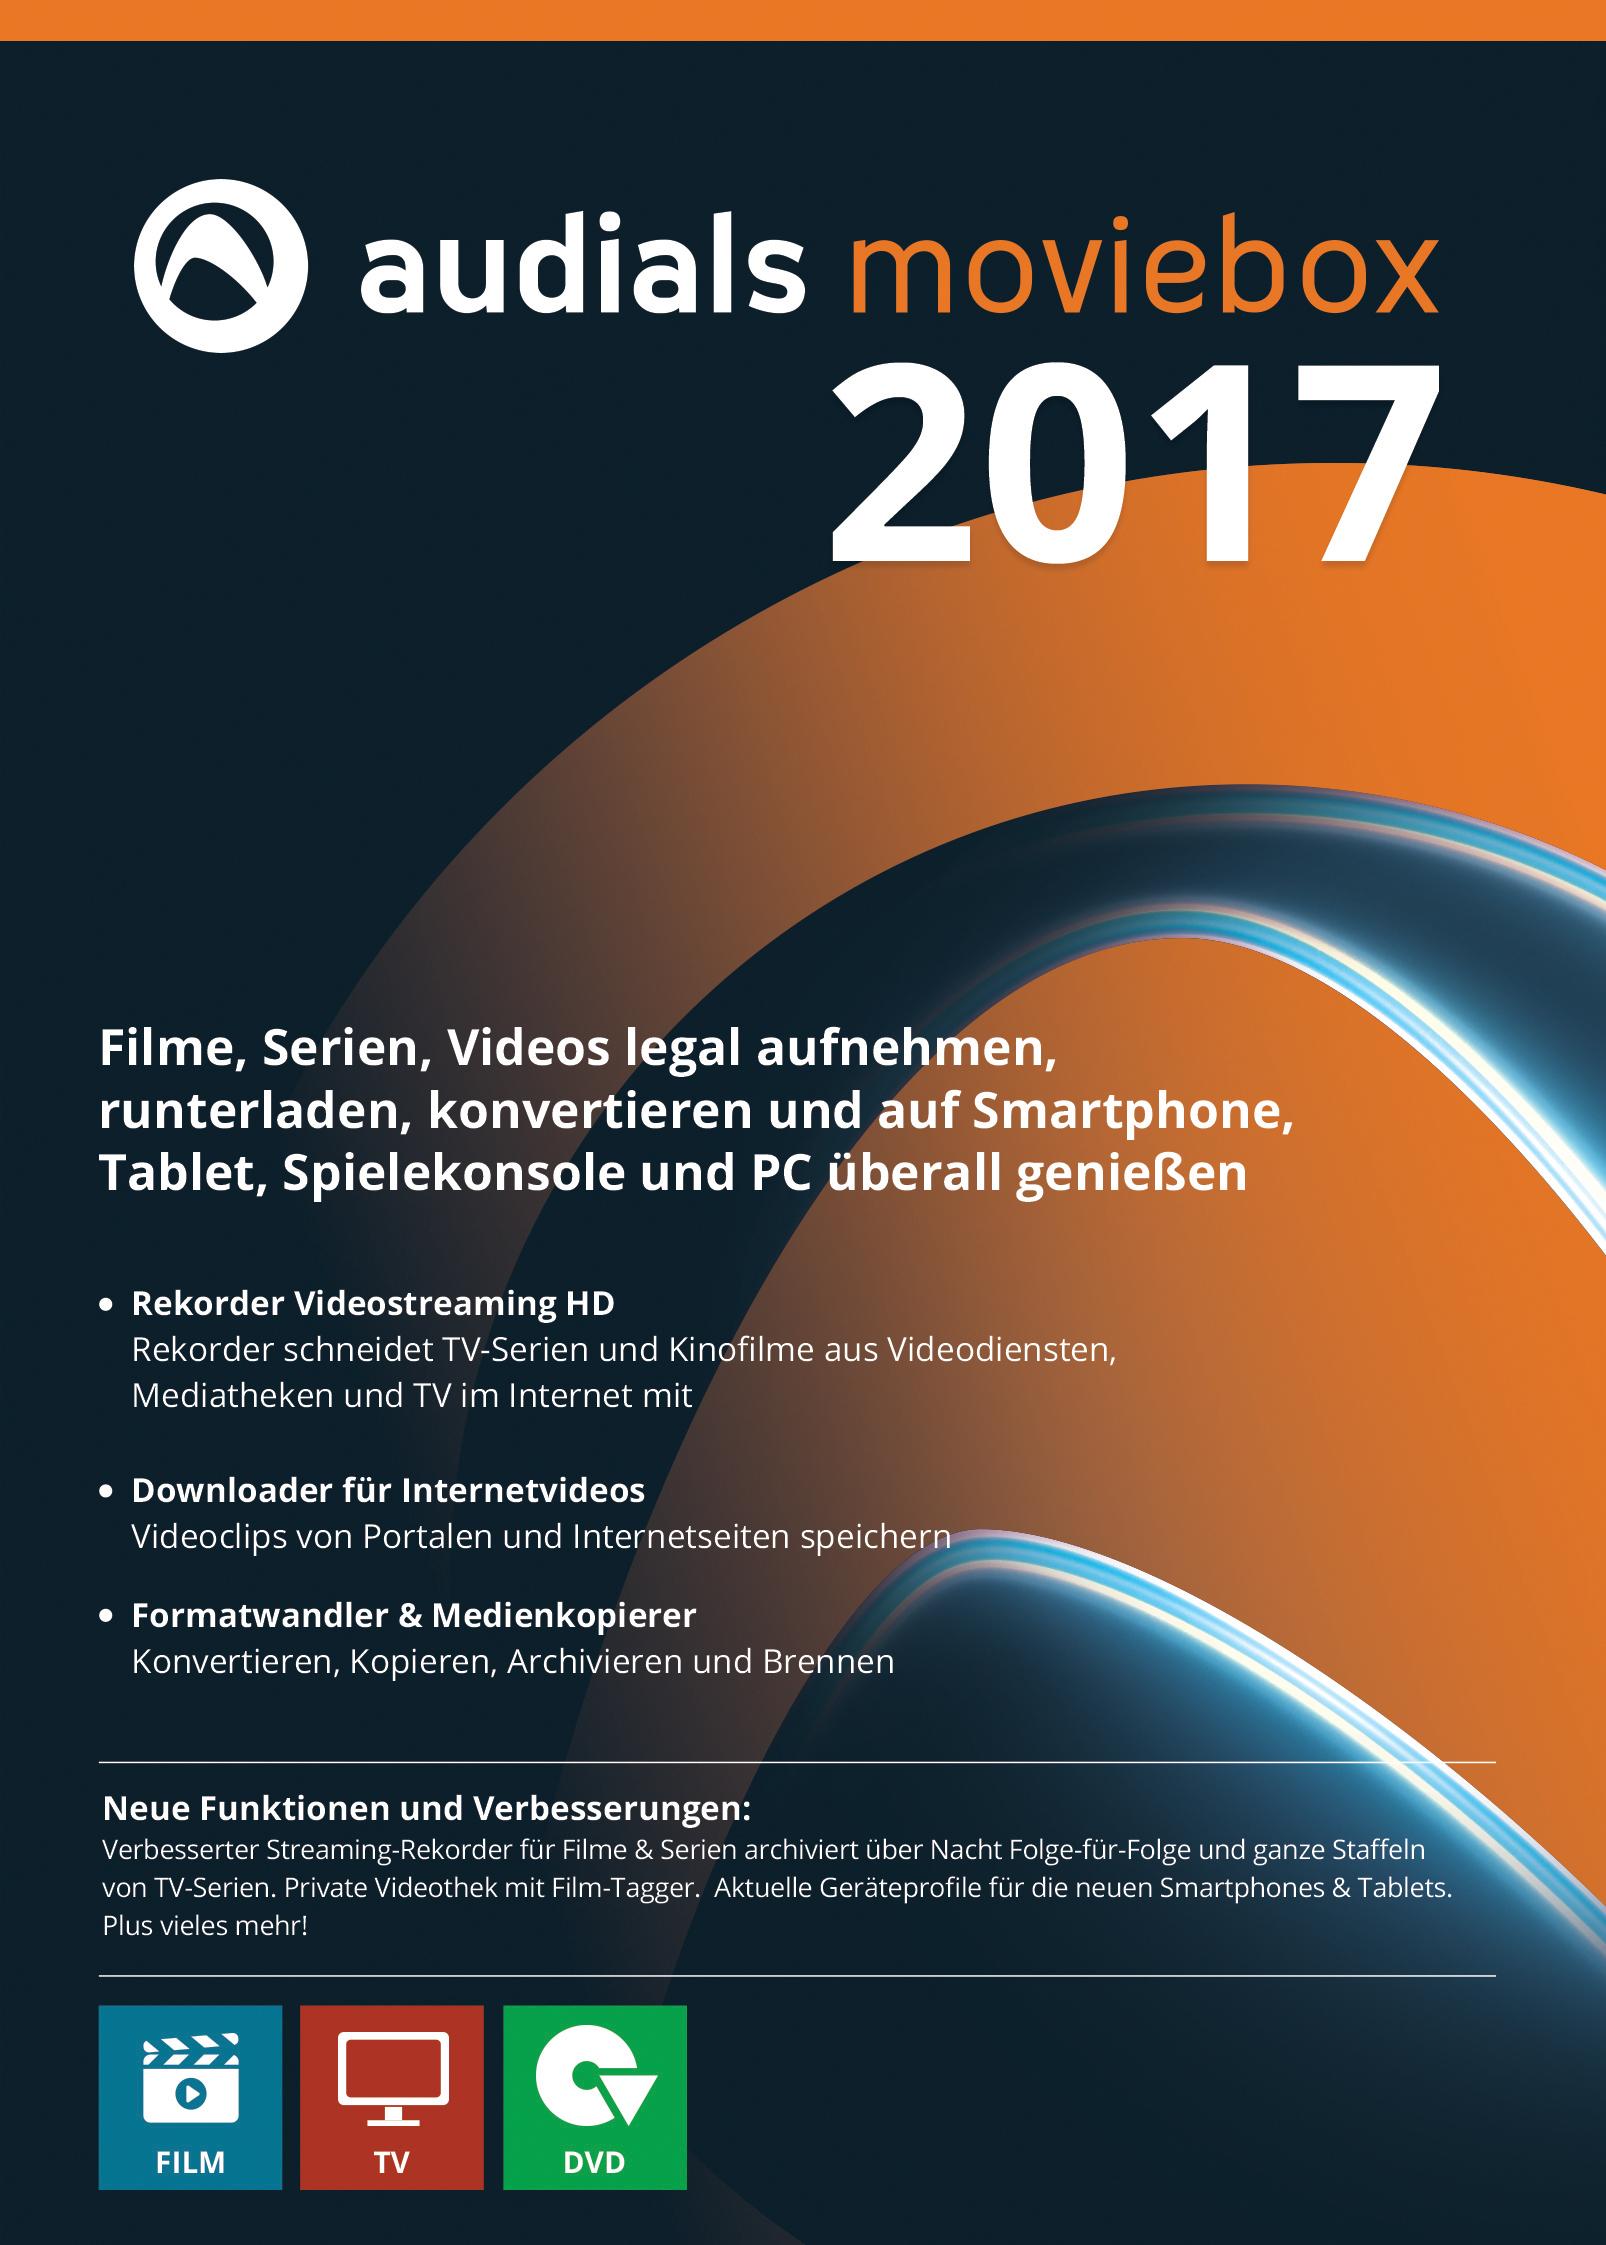 audials-moviebox-2017-das-tool-zum-kleinen-preis-fr-fans-von-video-unterhaltung-aus-dem-web-download